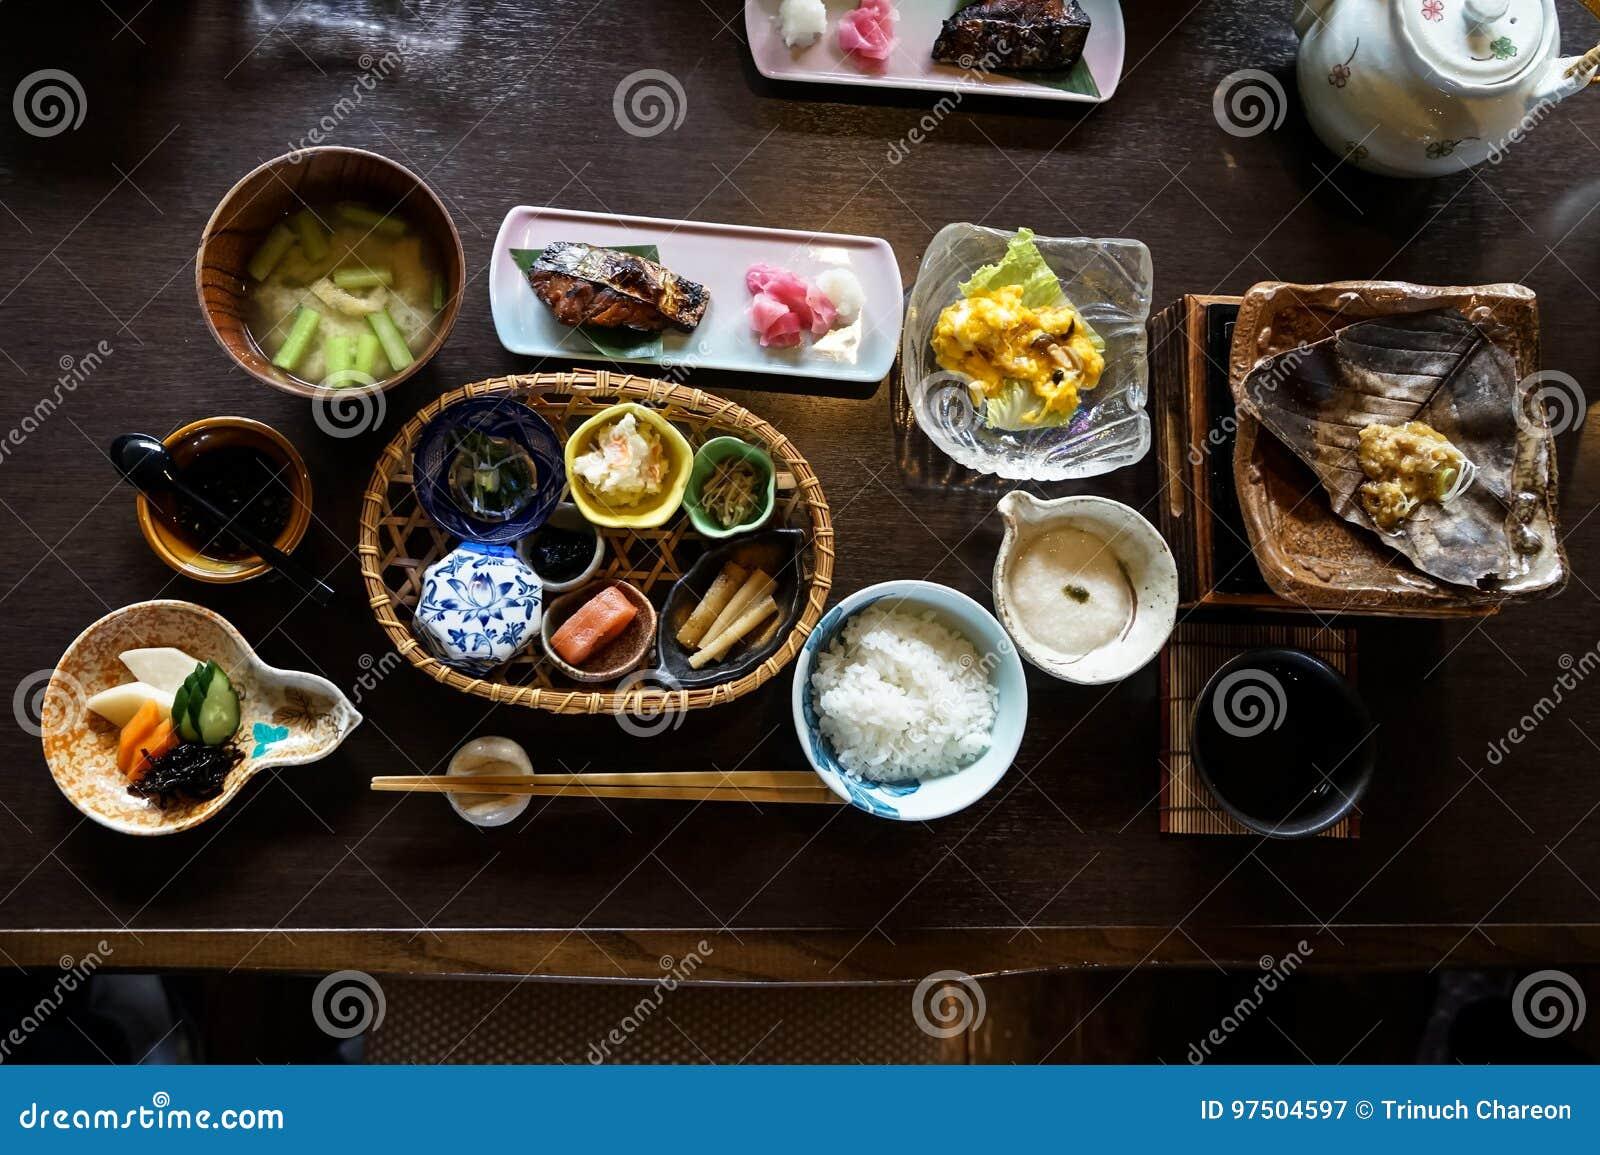 O café da manhã ryokan japonês torna côncavo incluir o arroz branco cozinhado, peixe grelhado, ovo frito, sopa, mentaiko, salmour